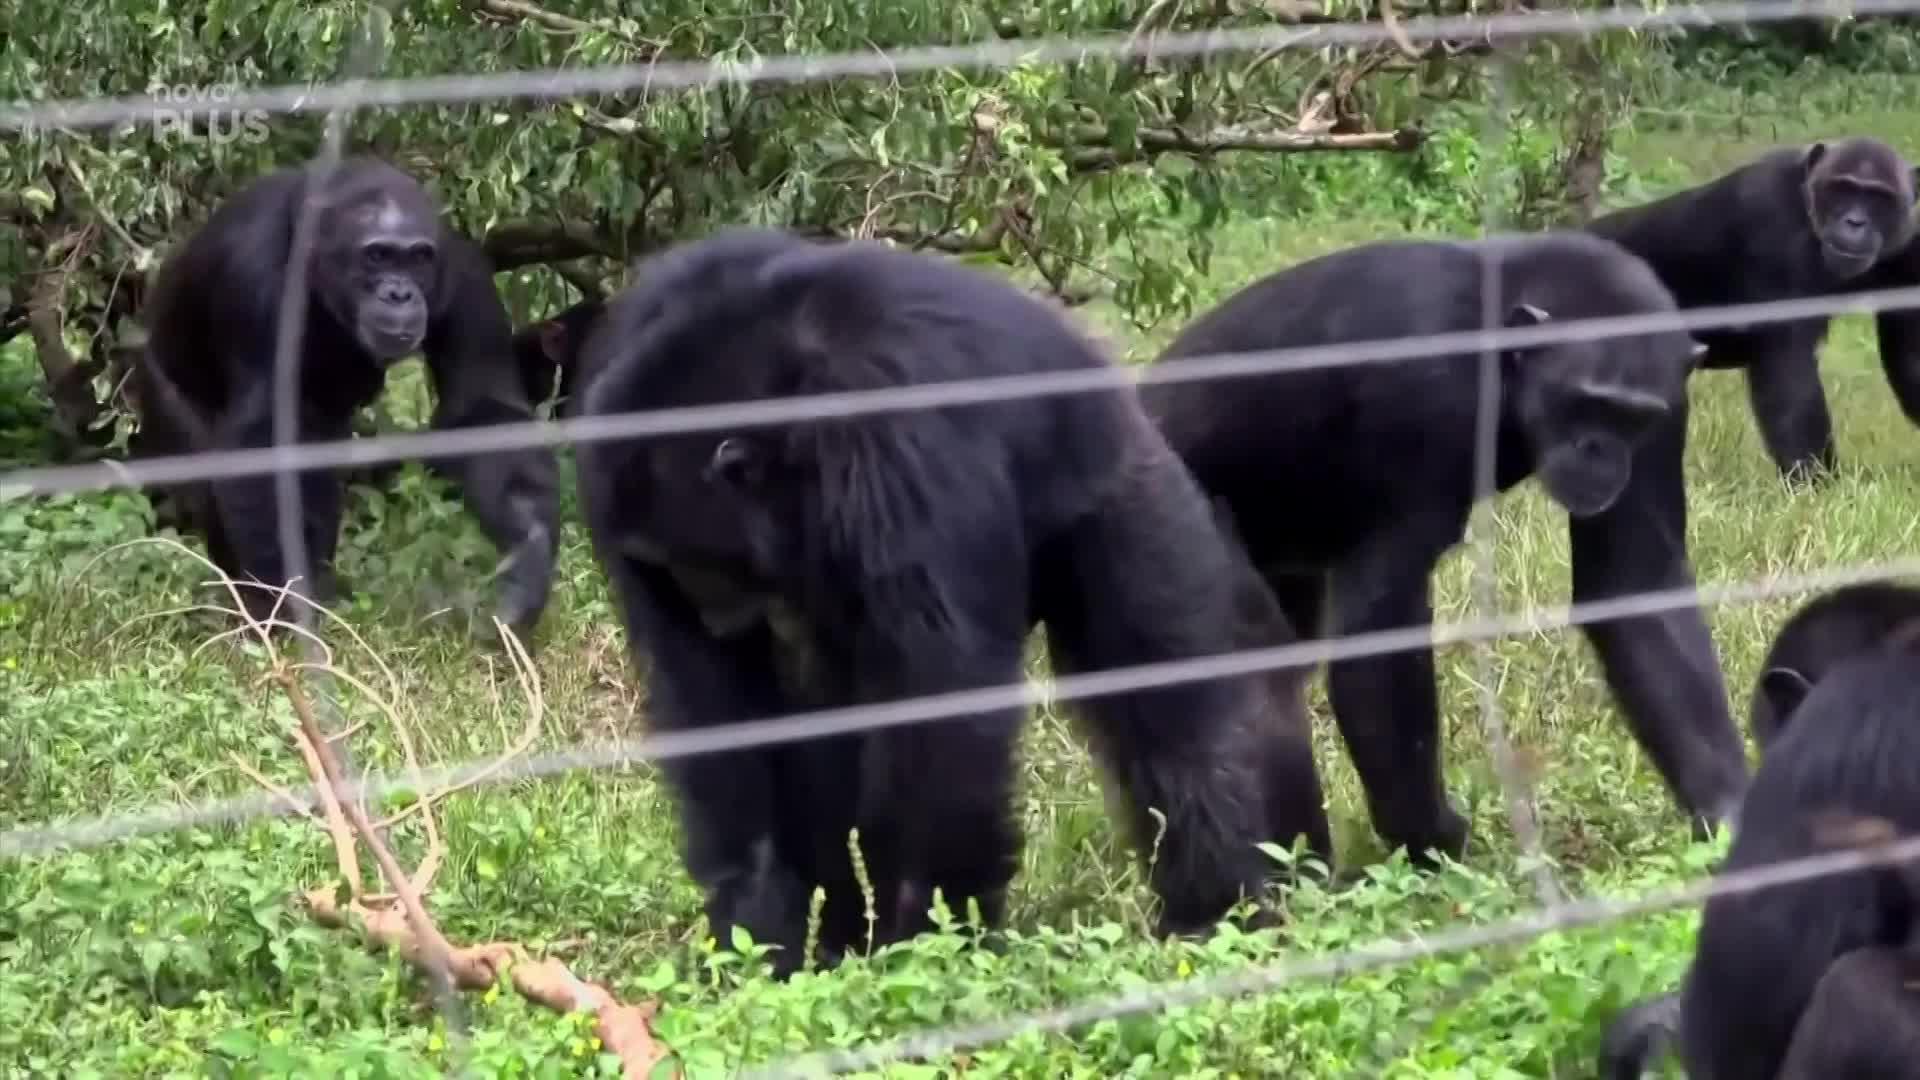 Jak to vypadá na šimpanzím ostrově? Primáti si užívají život v bezpečí rezervace